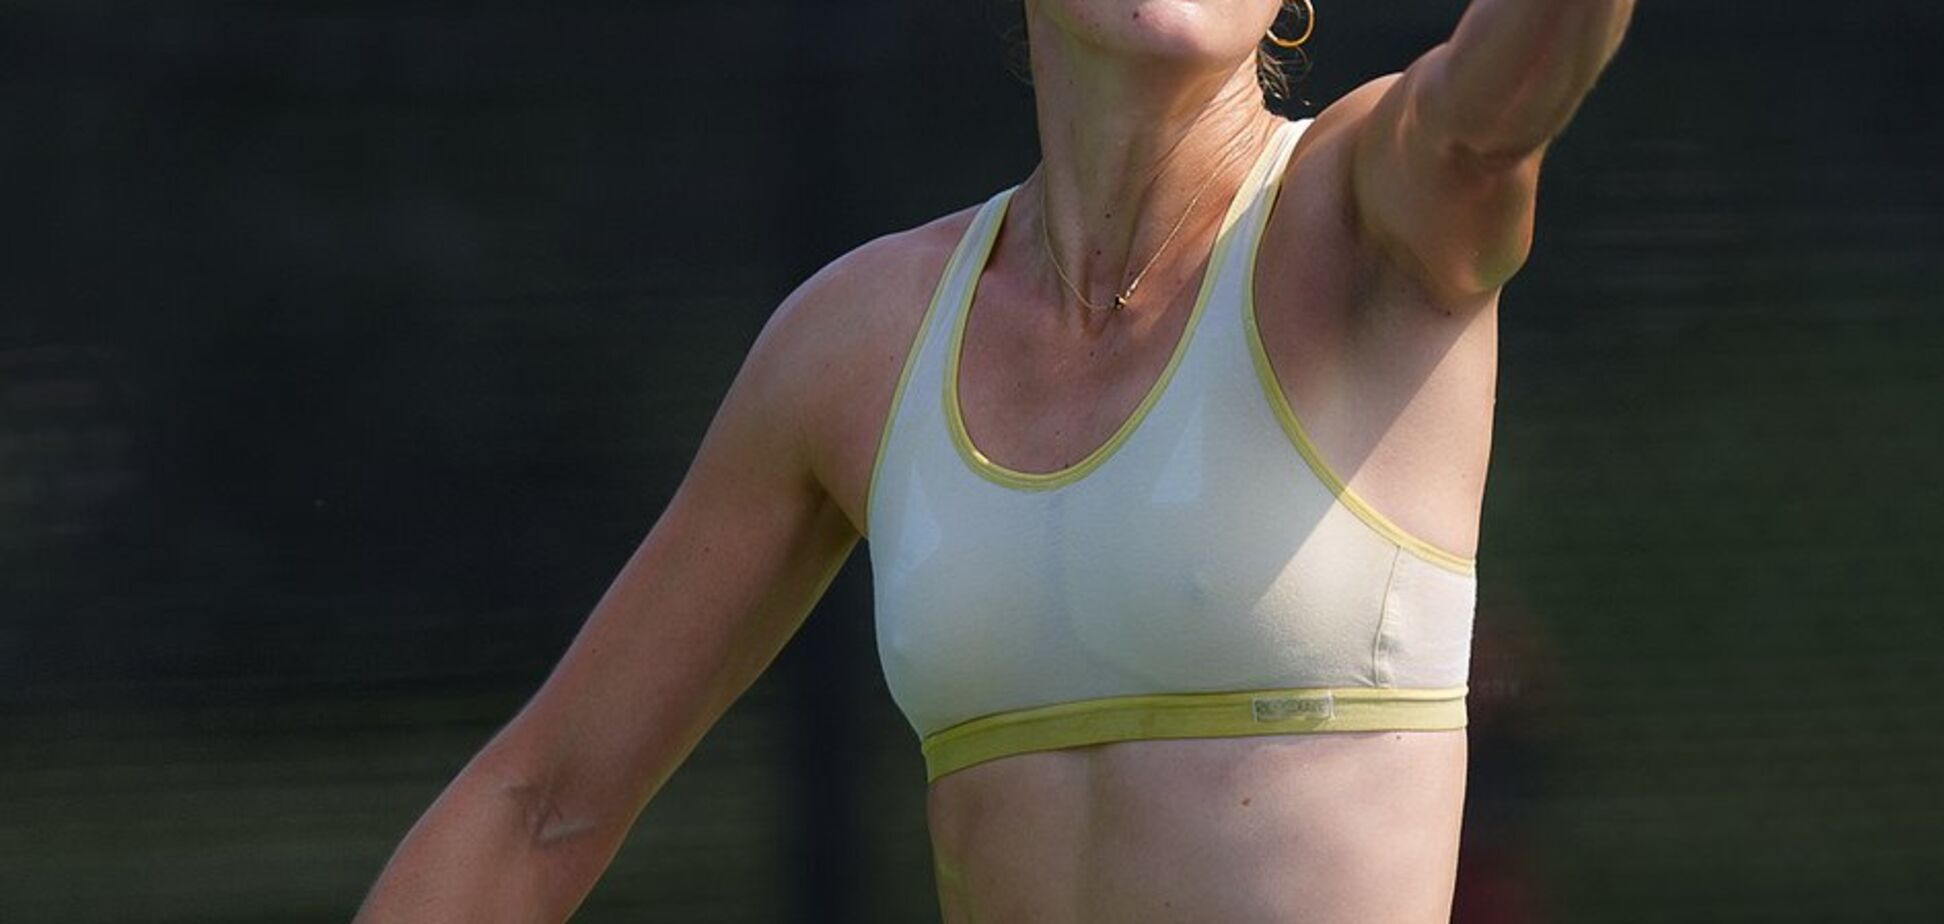 Знаменита тенісистка роздяглася під час матчу й отримала штраф